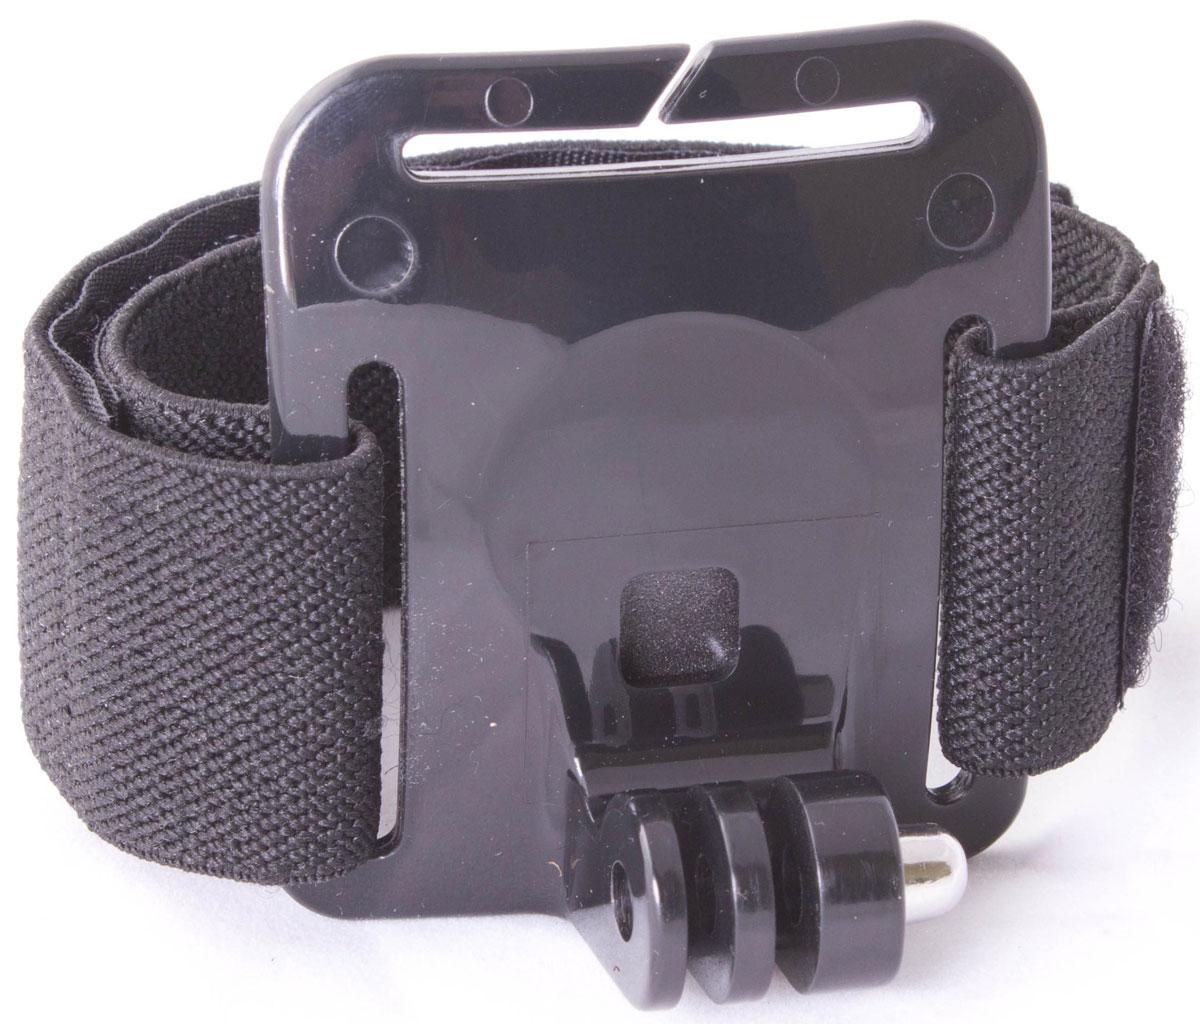 Dicom ExC ST07 ремень на запястье для GoPro HeroExC ST07Dicom ExC ST07 обеспечит съемку вашей камерой GoPro (Hero 4/3+/3/2/1) и Kodak SP1/360 с оптимального ракурса. Крепление изготовлено с применением качественных материалов и очень удобно в использовании. Его можно носить как на запястье, так и на предплечье.